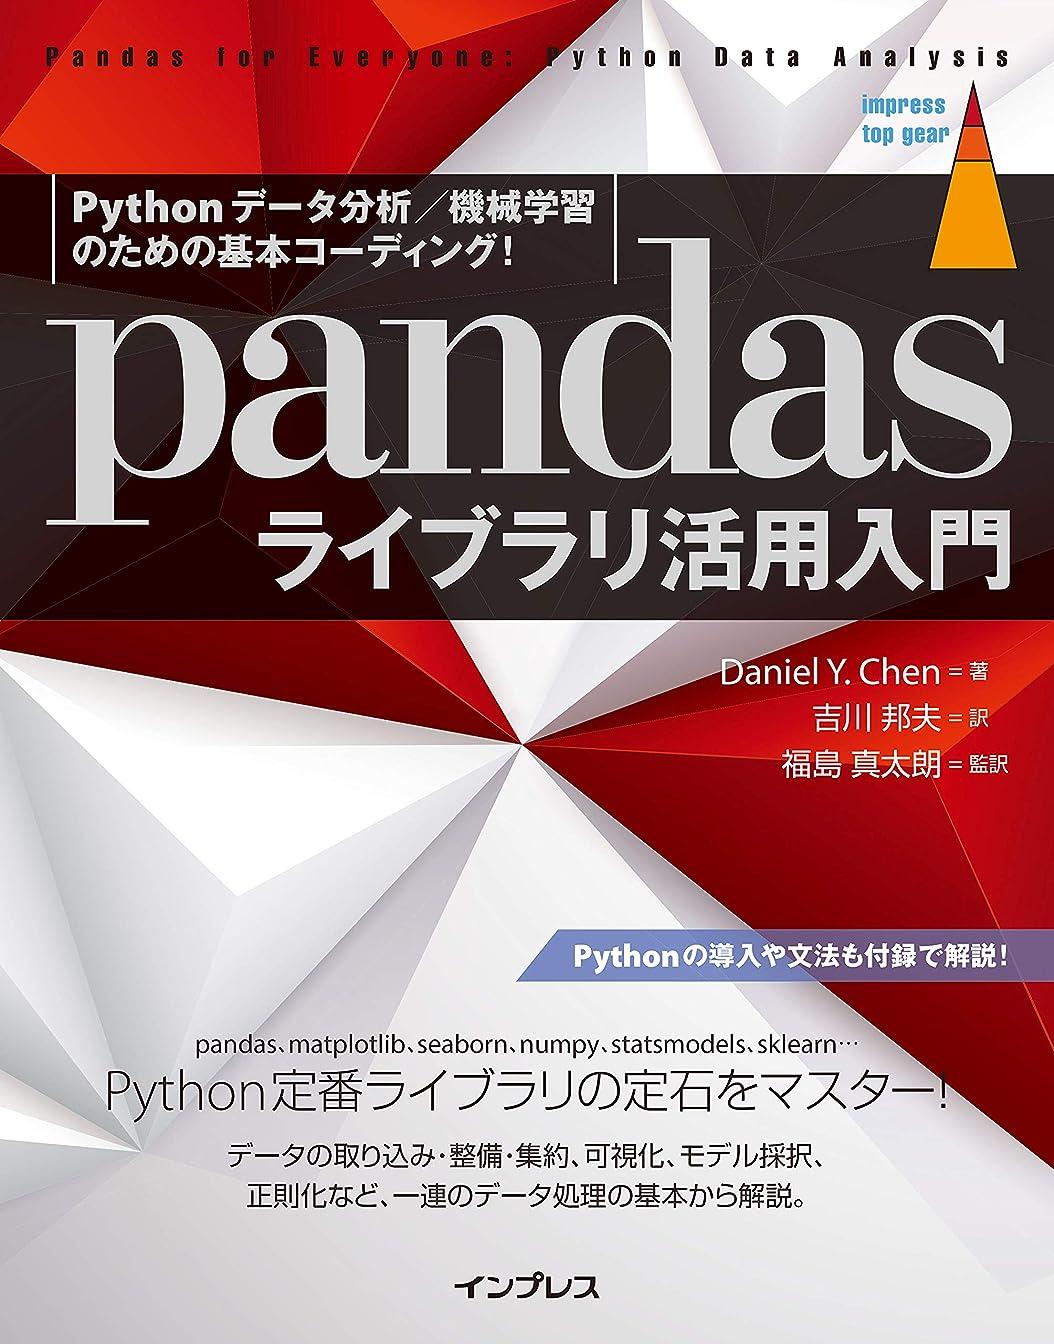 確認伝記ペチコートPythonデータ分析/機械学習のための基本コーディング! pandasライブラリ活用入門 impress top gearシリーズ